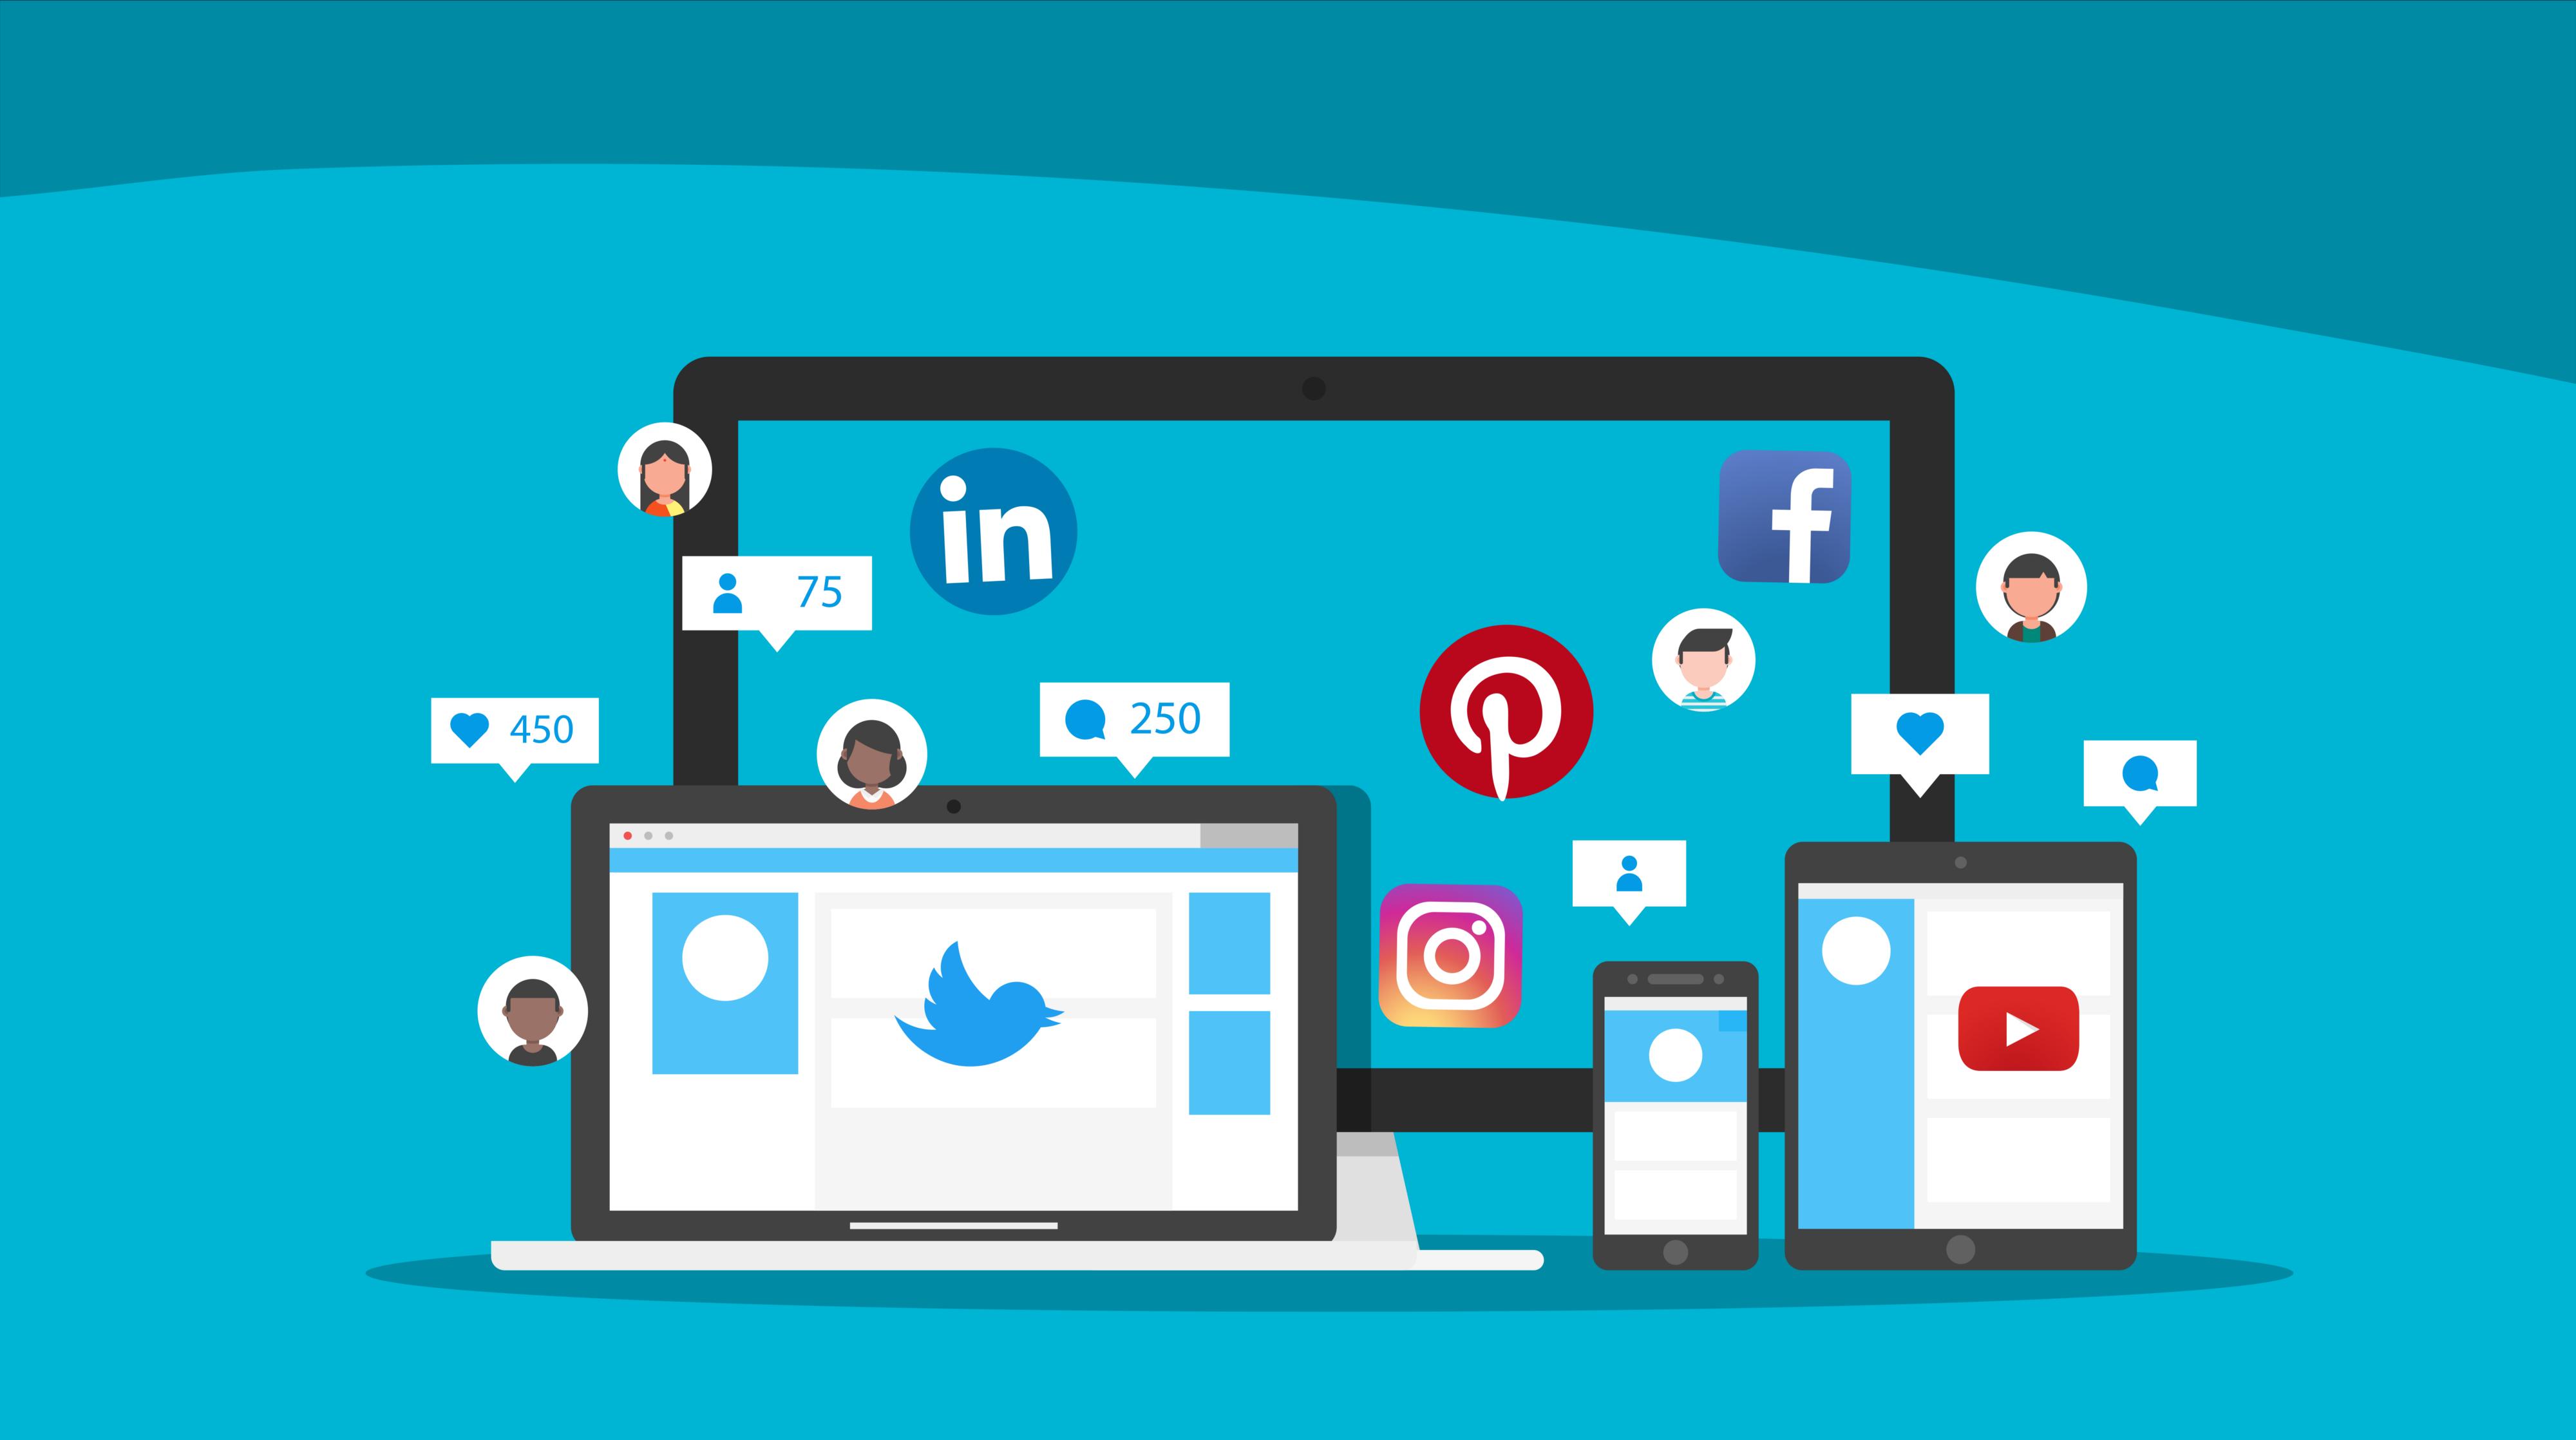 Oteller İçin Sosyal Medya Yönetimi